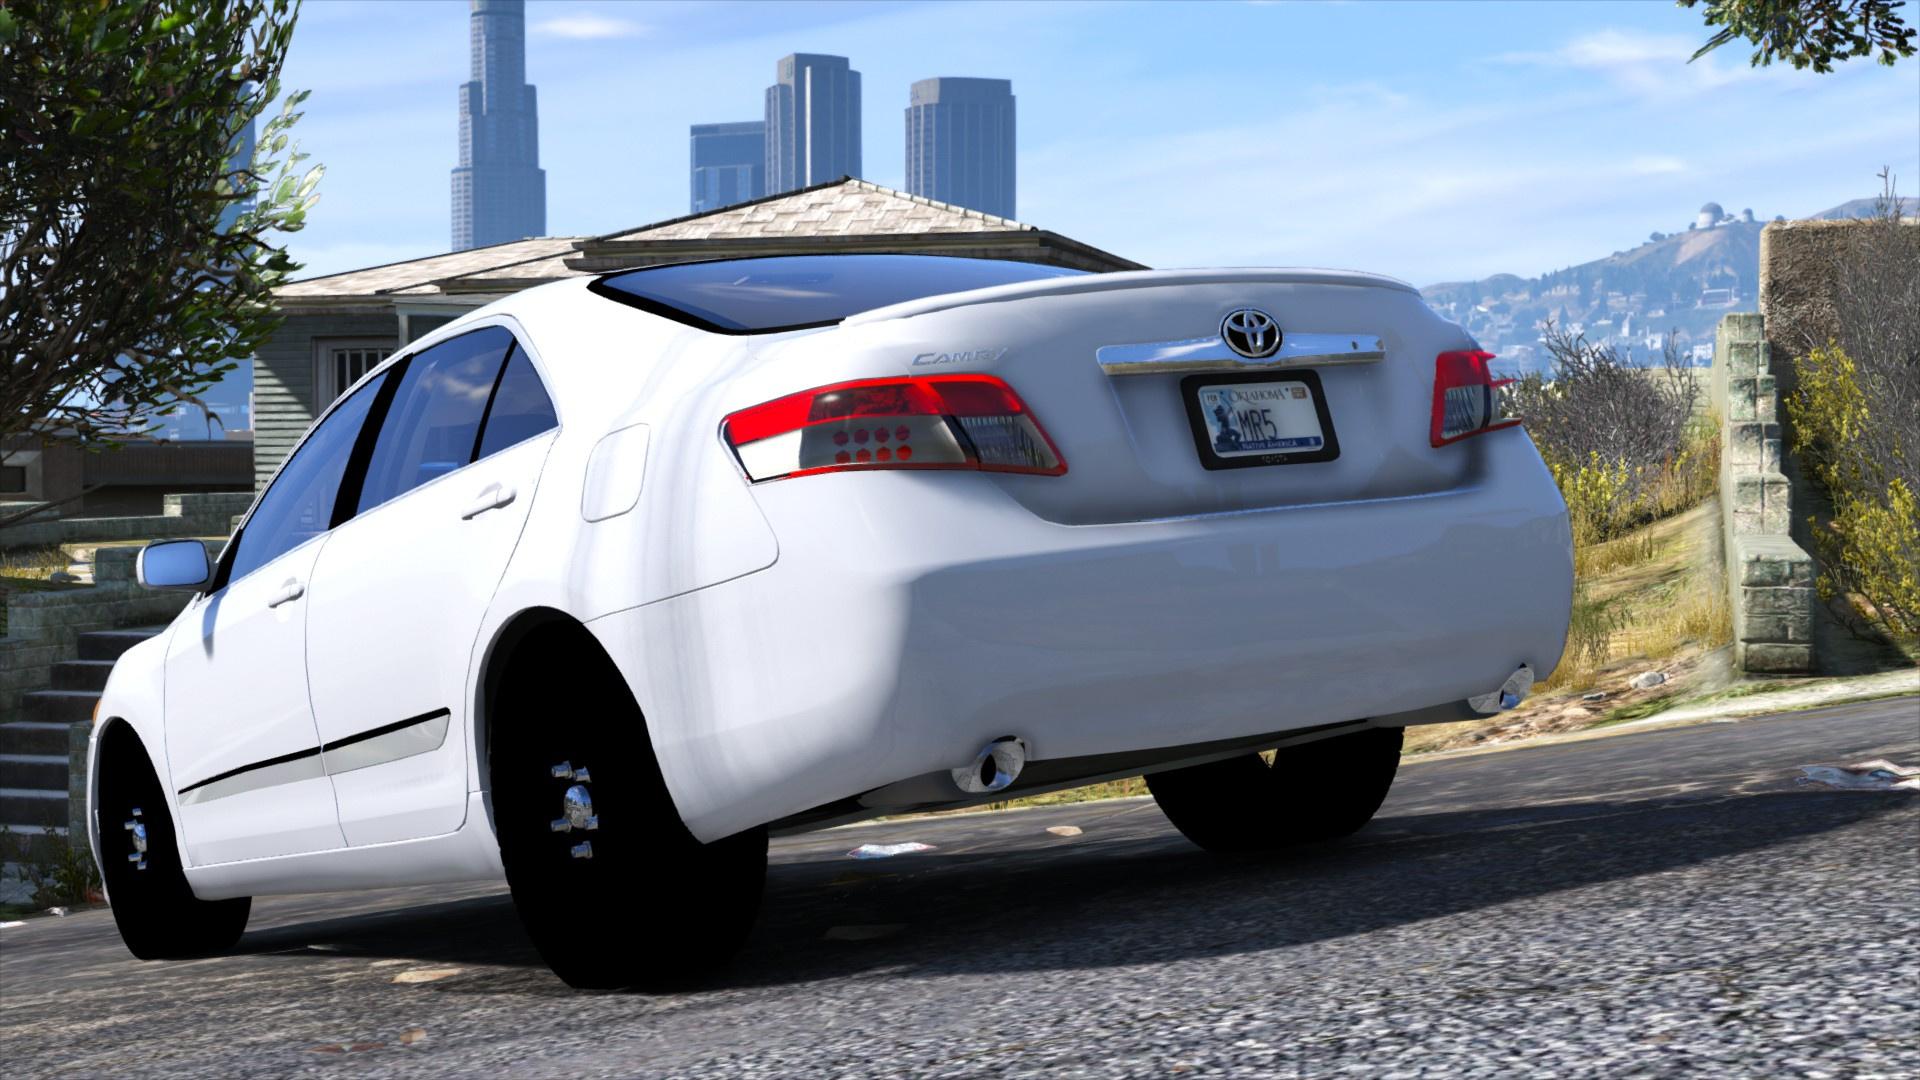 Toyota Camry 2011 + Arab Drifting Rims - GTA5-Mods.com